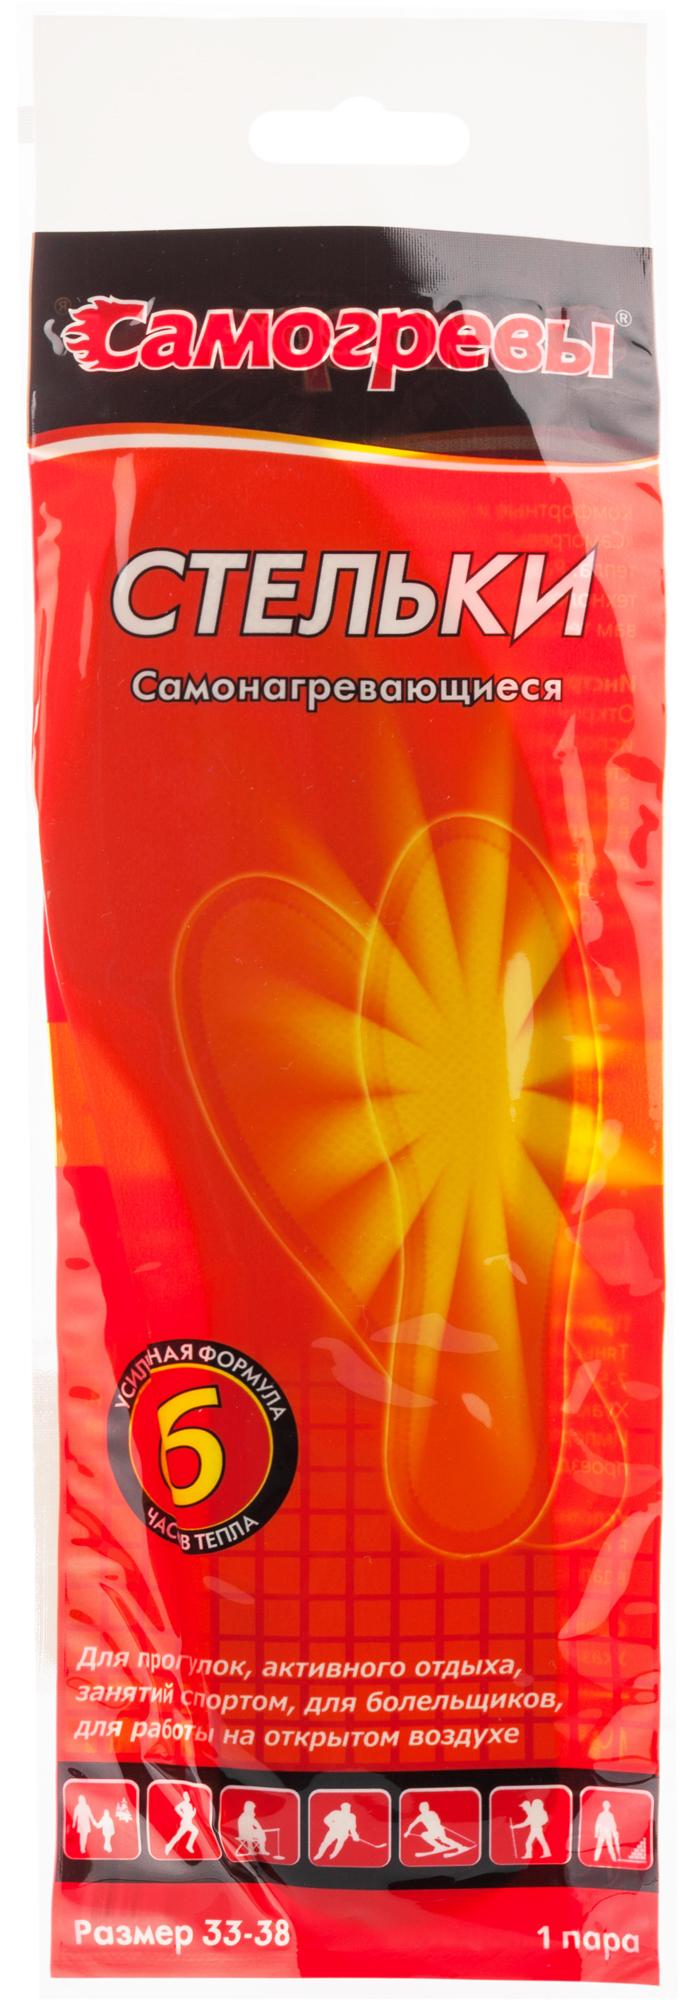 грелки Самогревы Грелки для ног Самогревы, размер 33-38